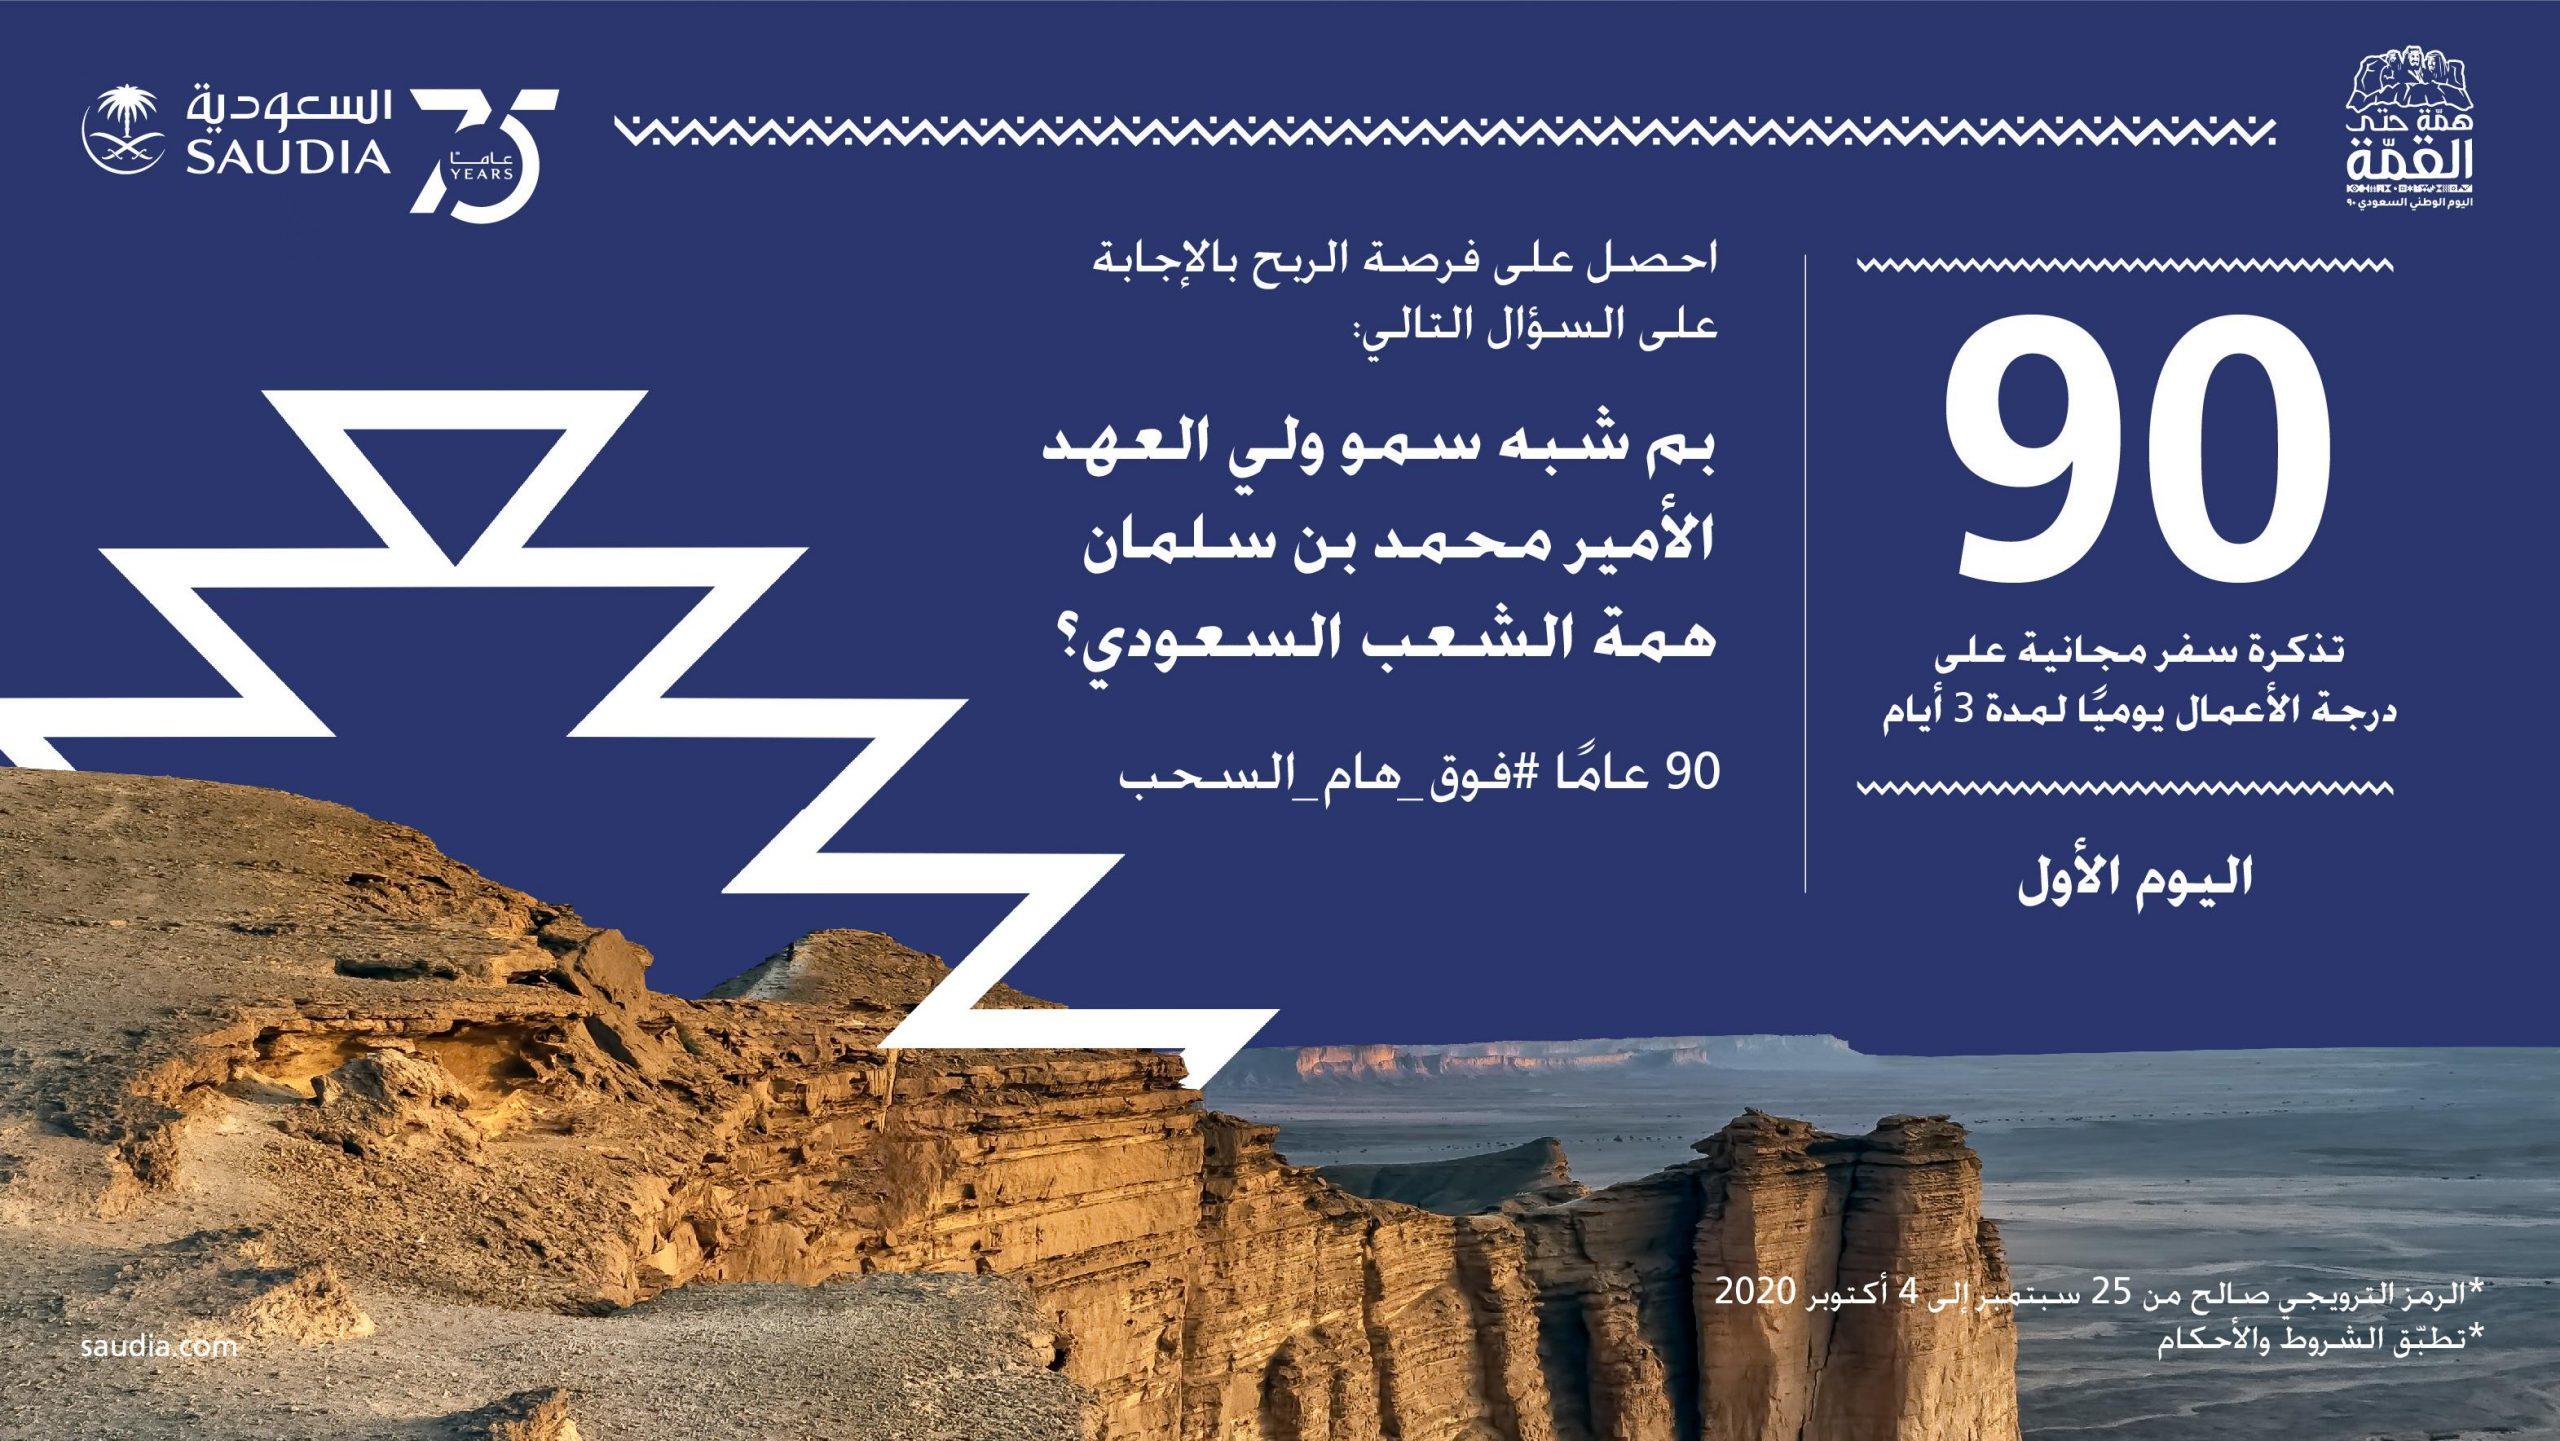 عروض الطيران اليوم الوطني، عروض الخطوط السعودية، عروض اليوم الوطني، تخفيضات الطيران السعودي، الخطوط